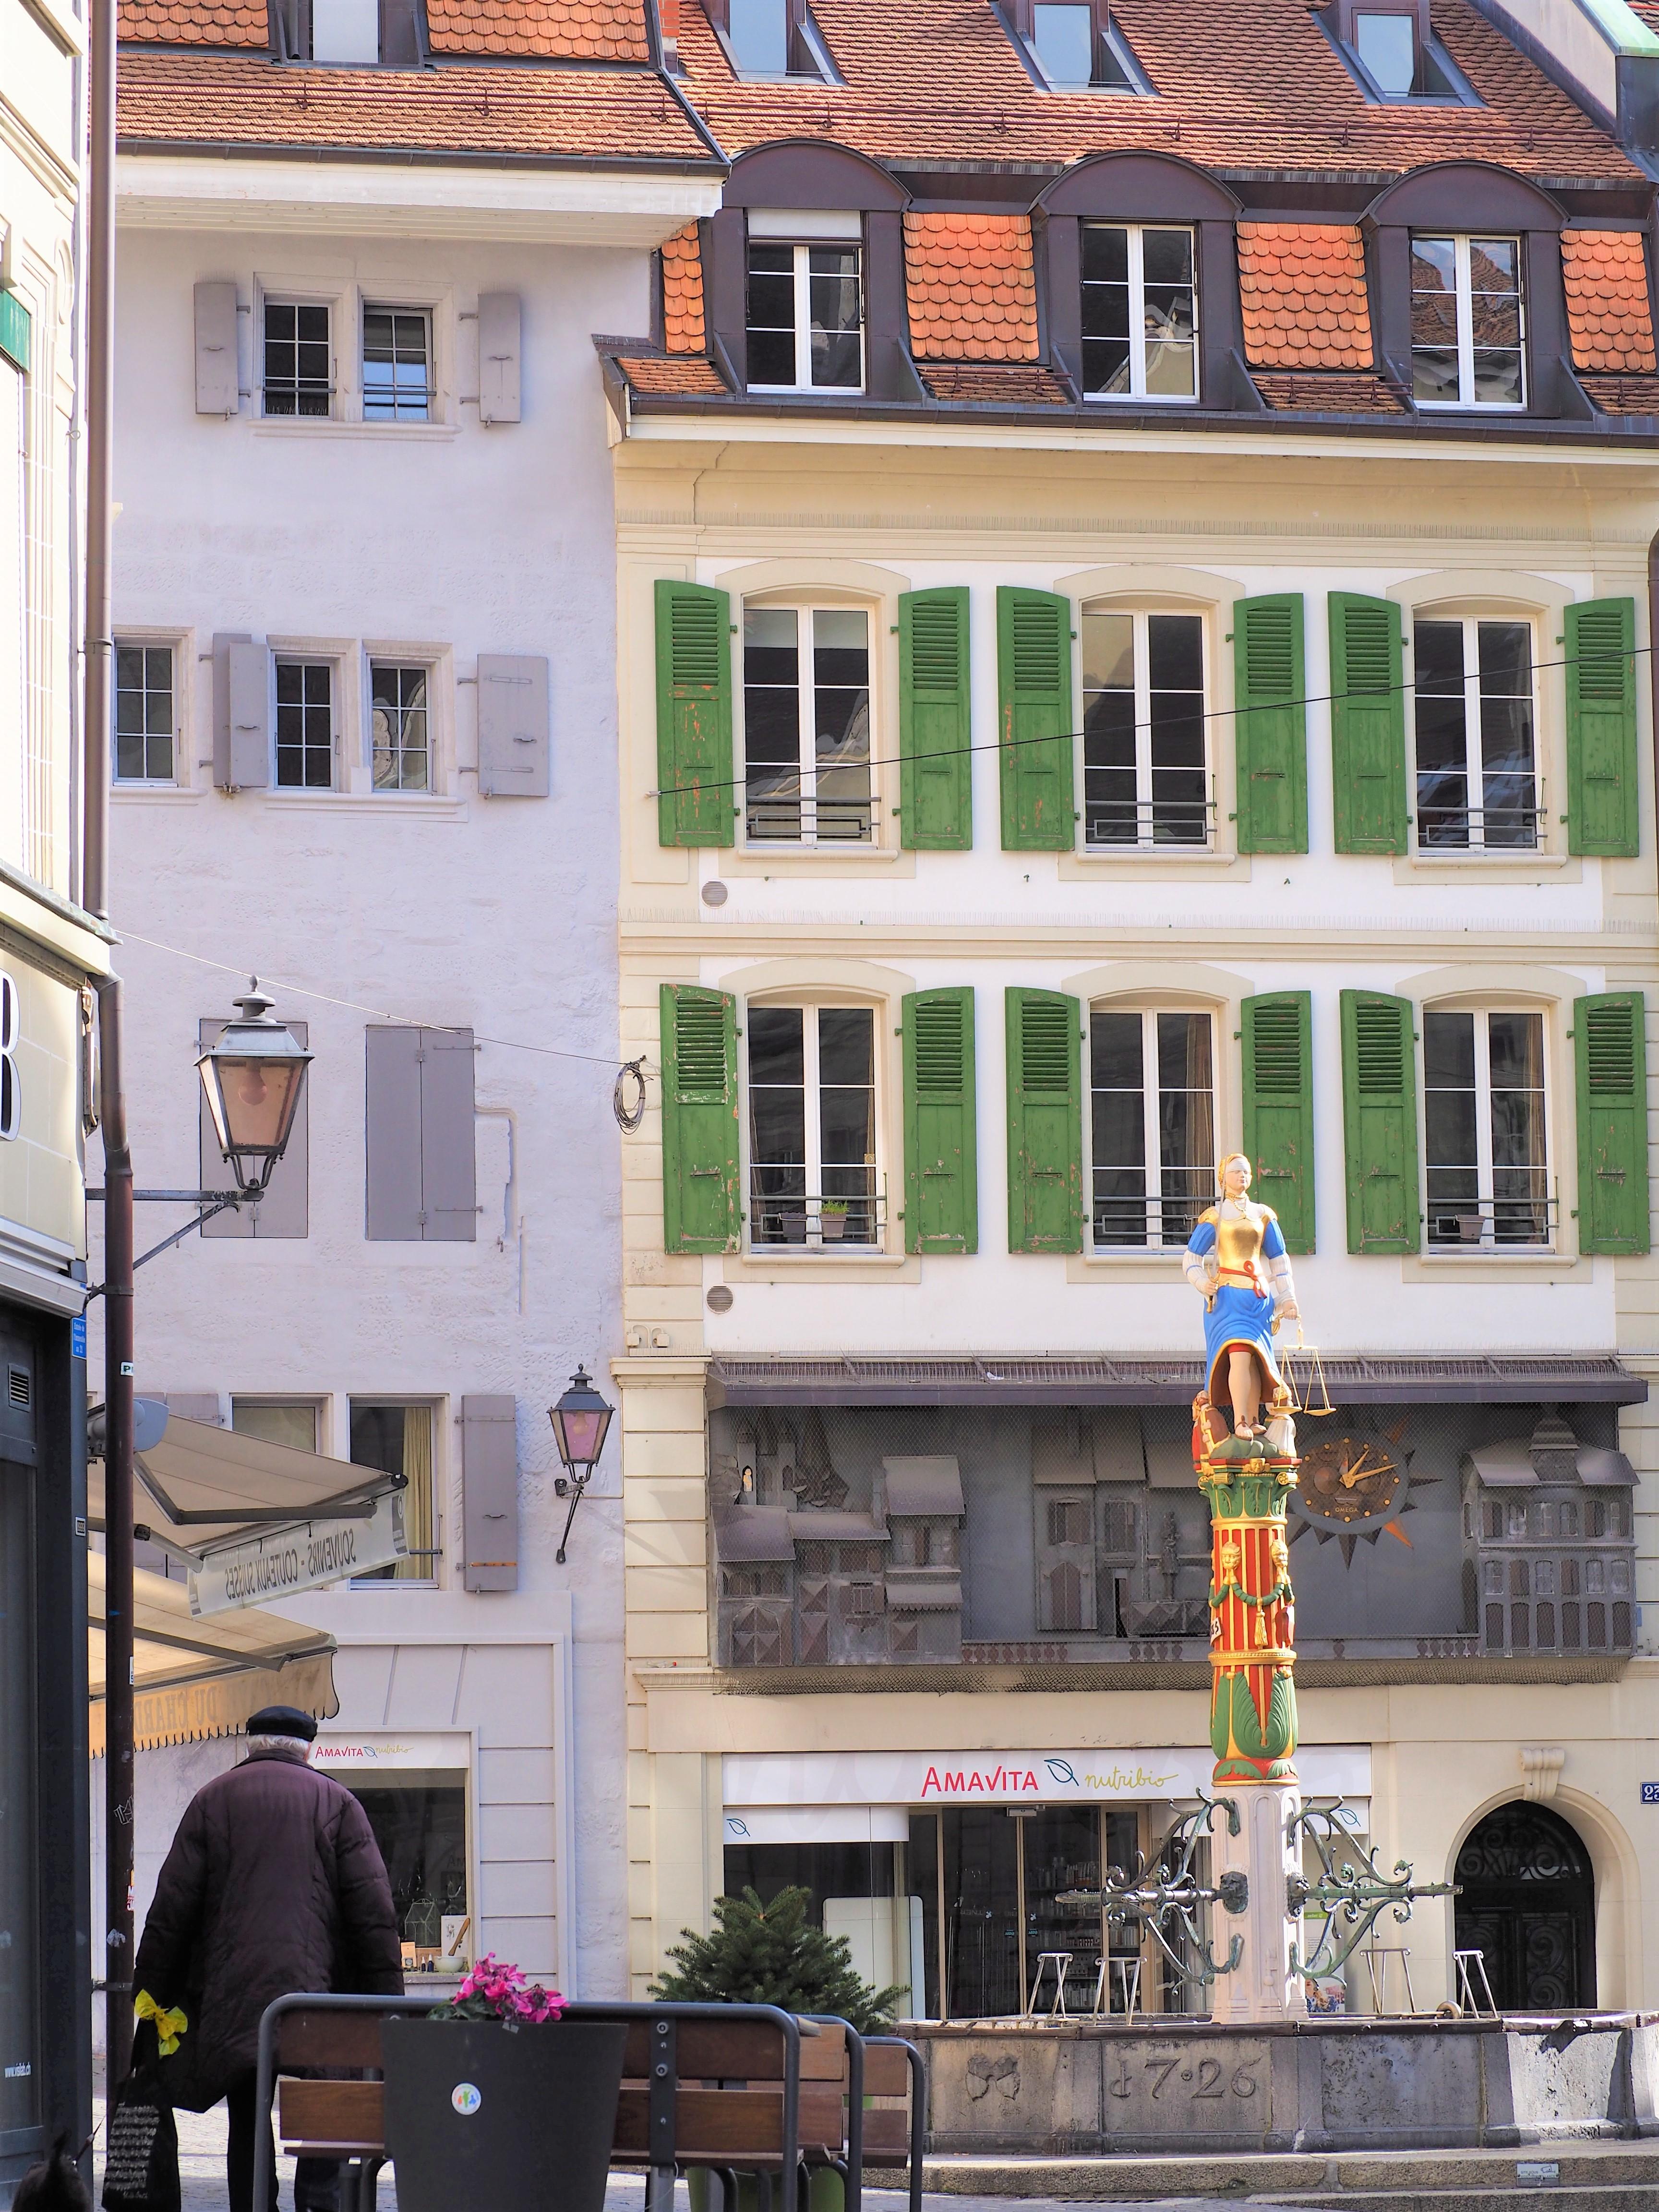 place-de-la-palud-clioandco-blog-voyage-lausanne-suisse-canton-de-vaud-début-vieille-vill